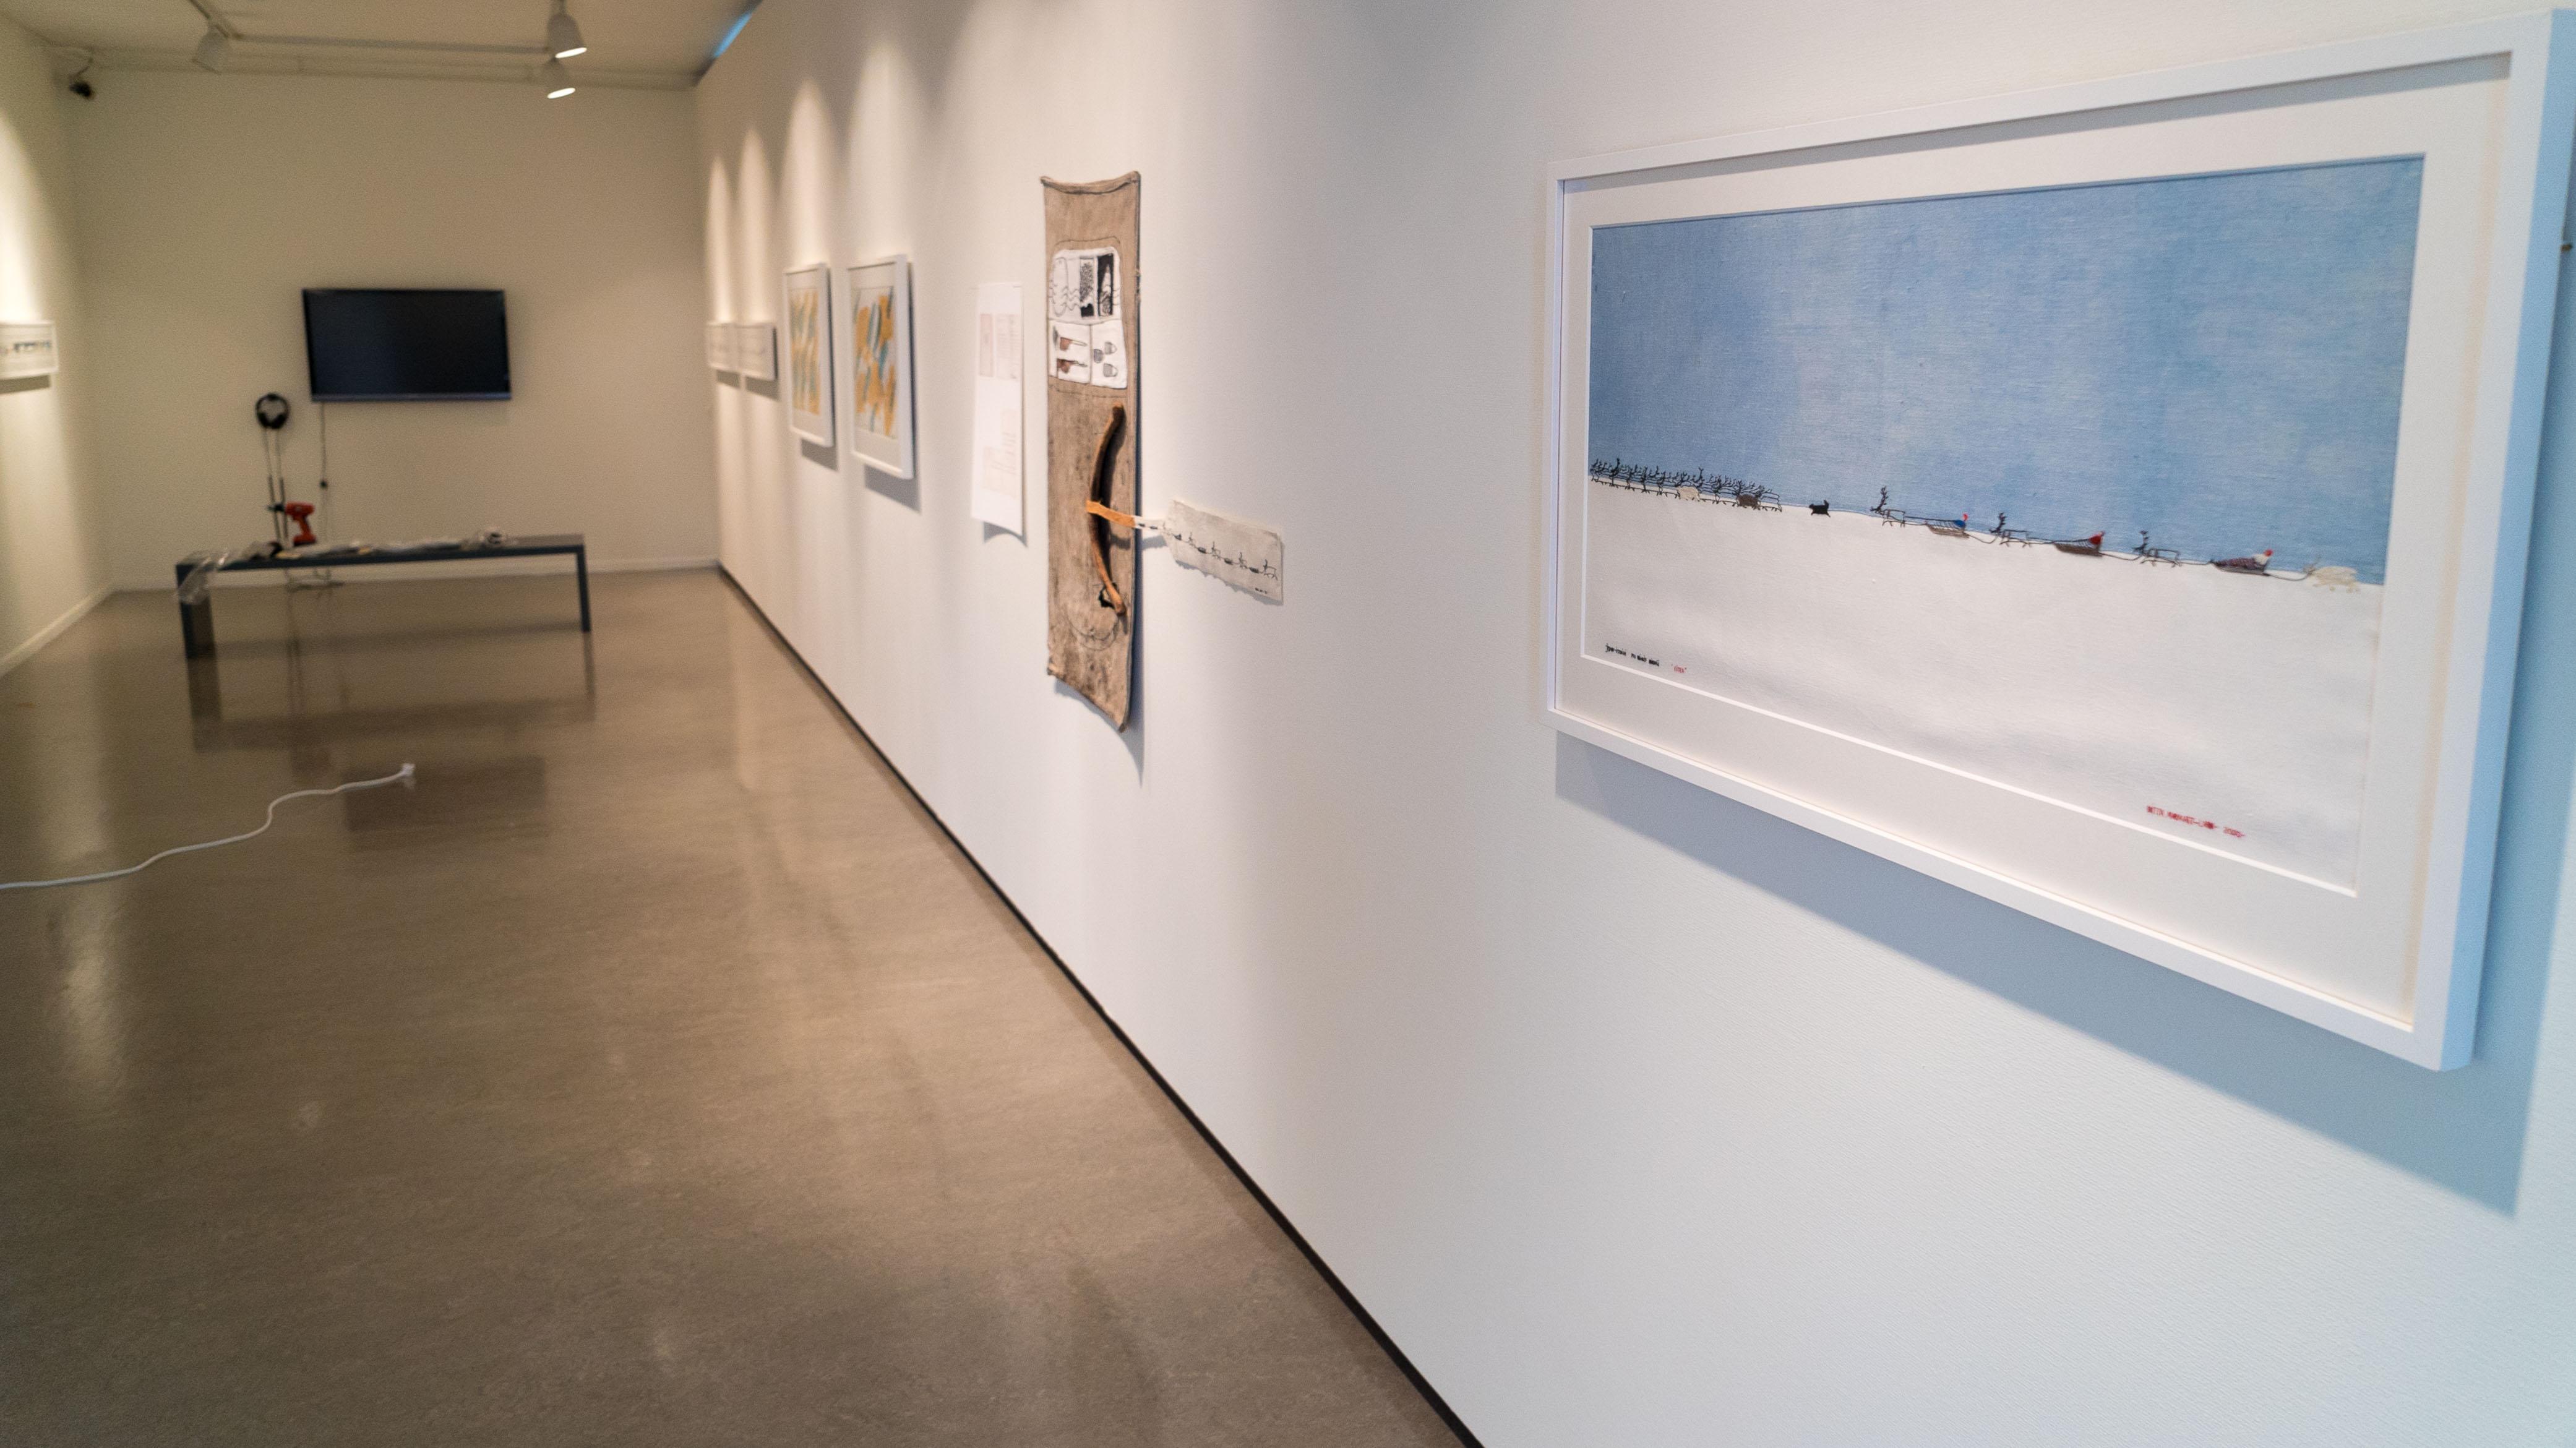 Britta Marakatt Labba er første kunstner ut i kunstnerrommet